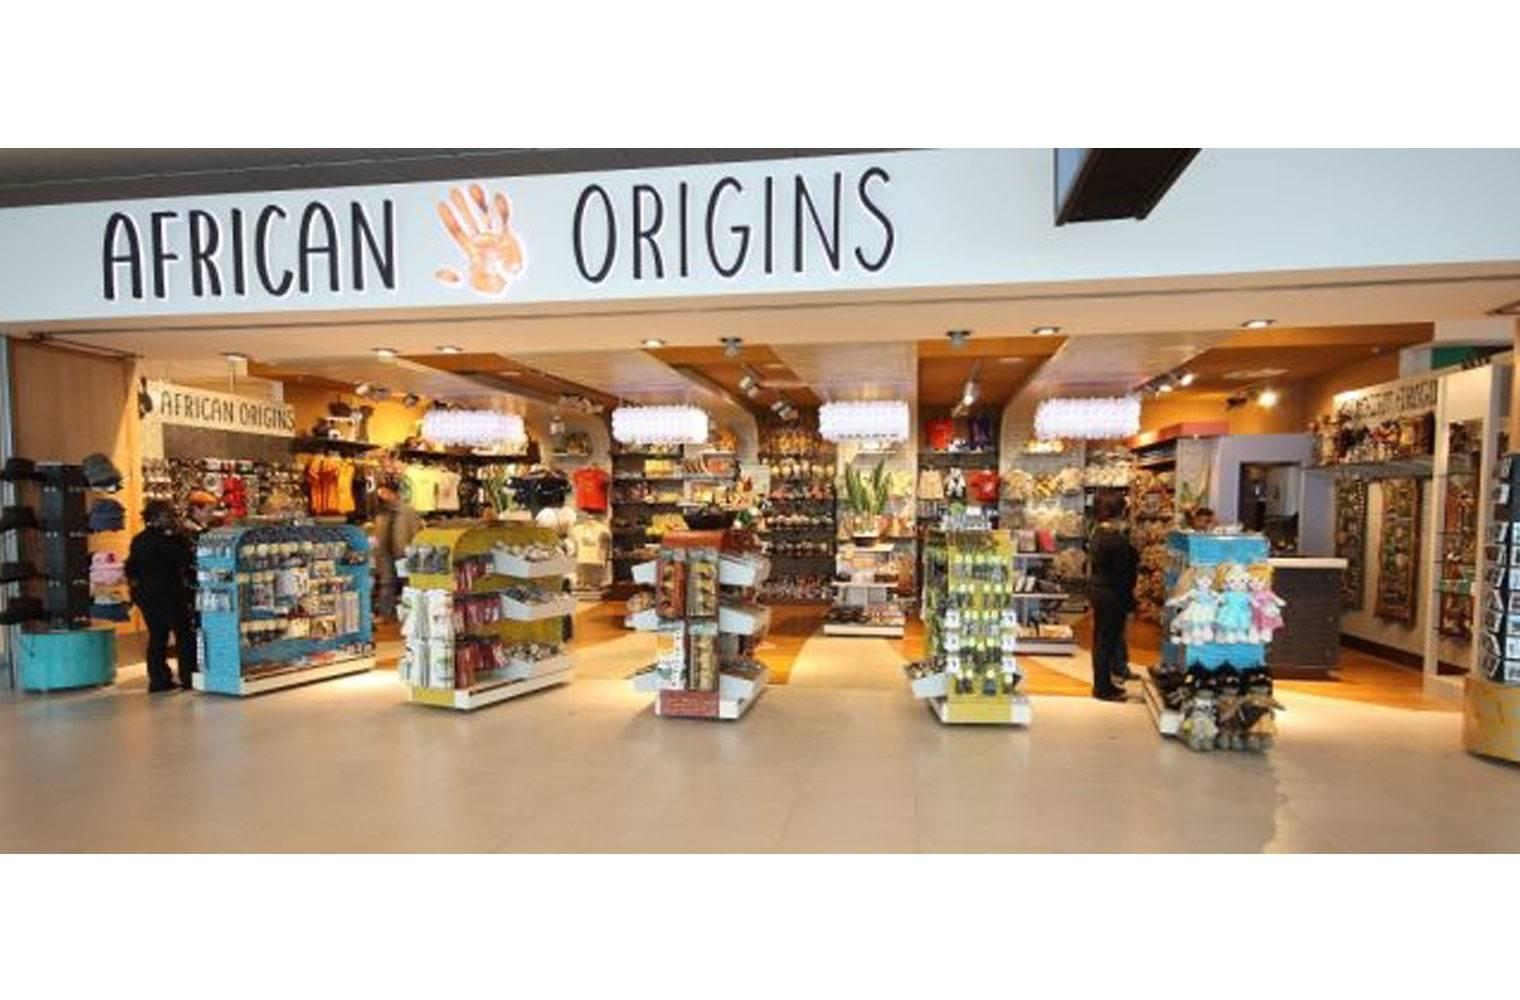 African Origins - CTIA